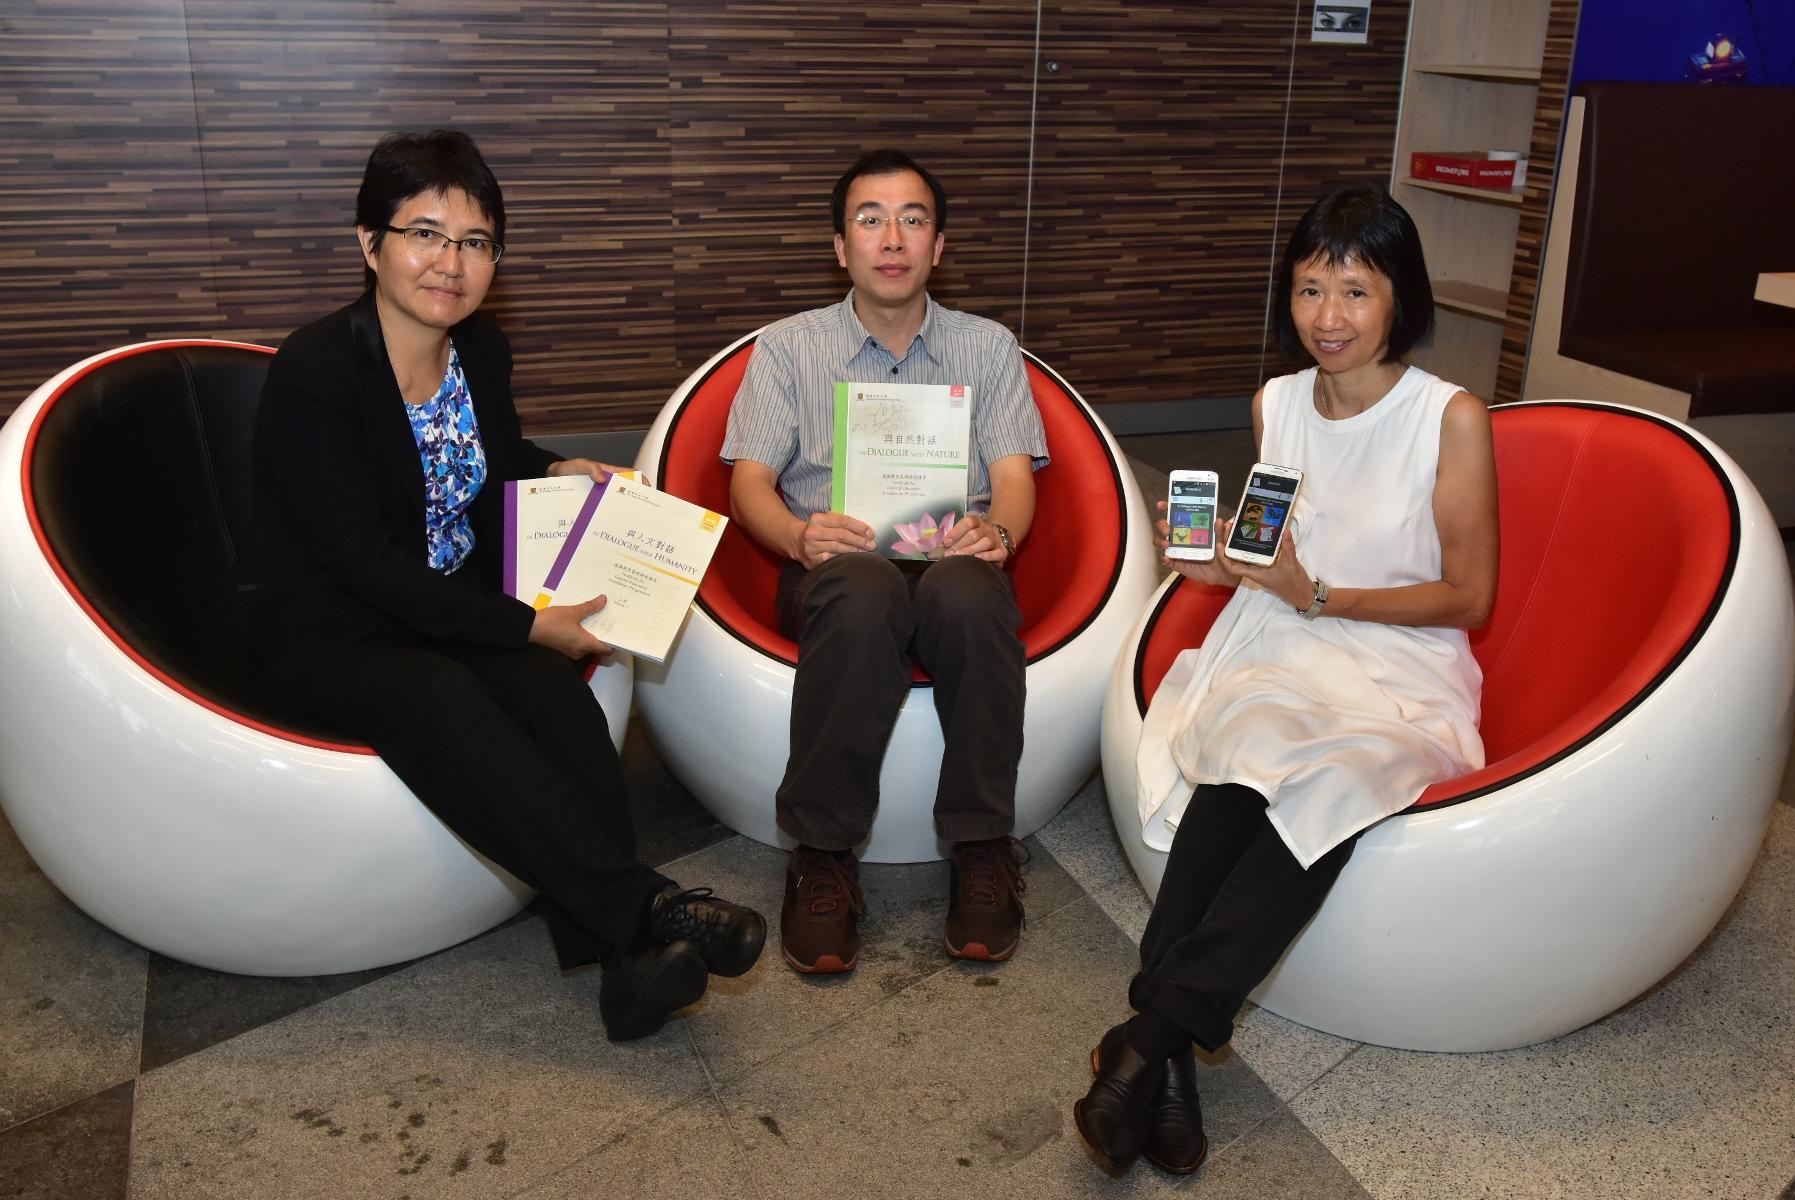 中大通識教育課程團隊親自編製教科書及專屬手機應用程式